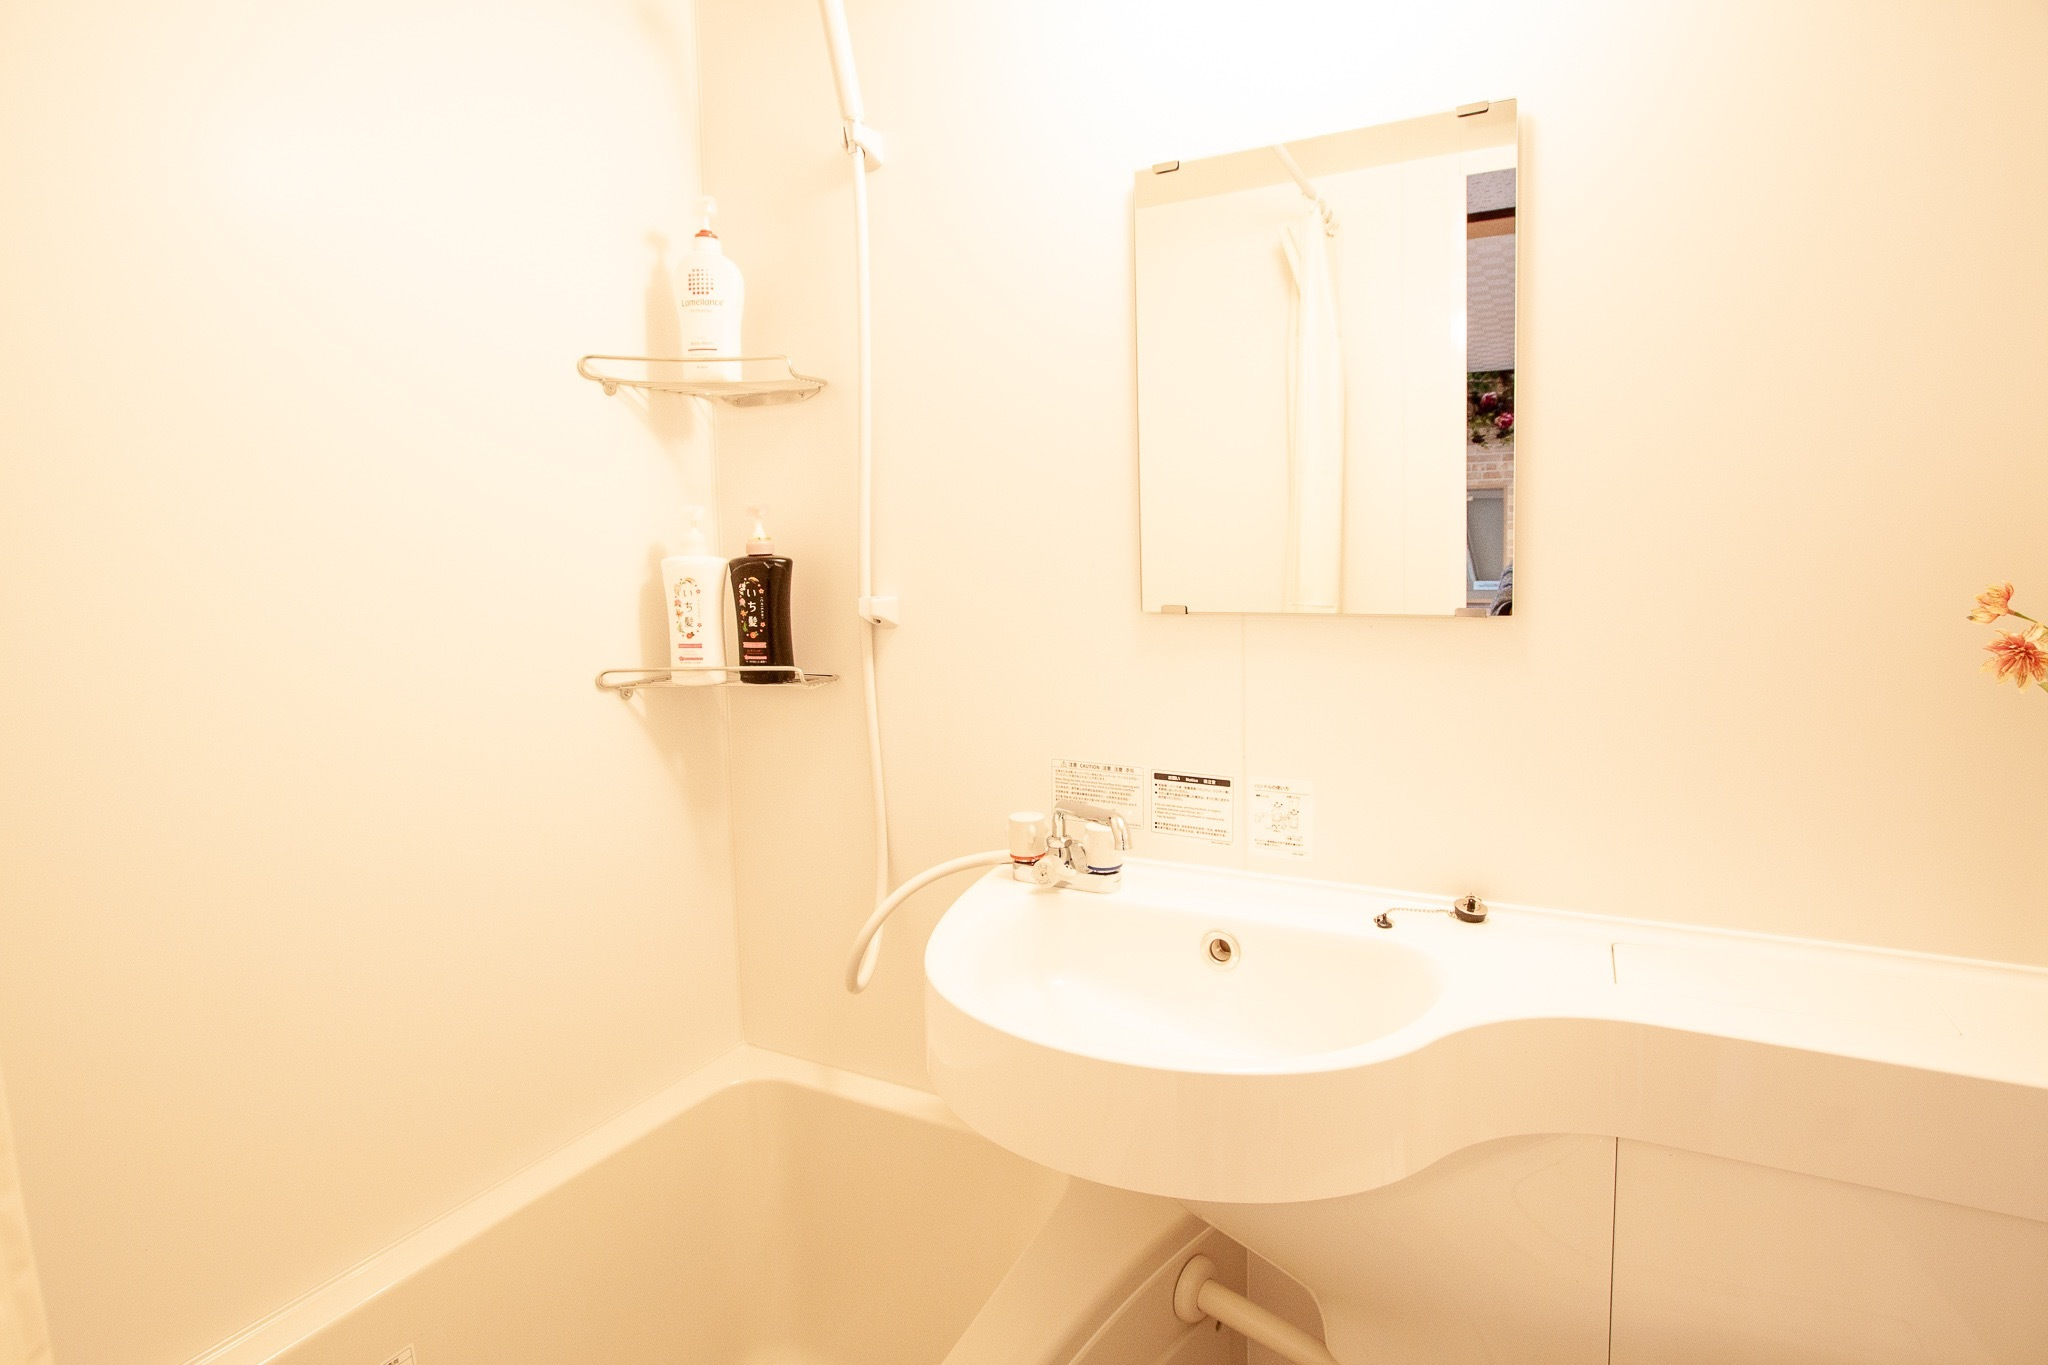 Natural room : 奈良公園近く!改装済みバスルームの綺麗なお部屋